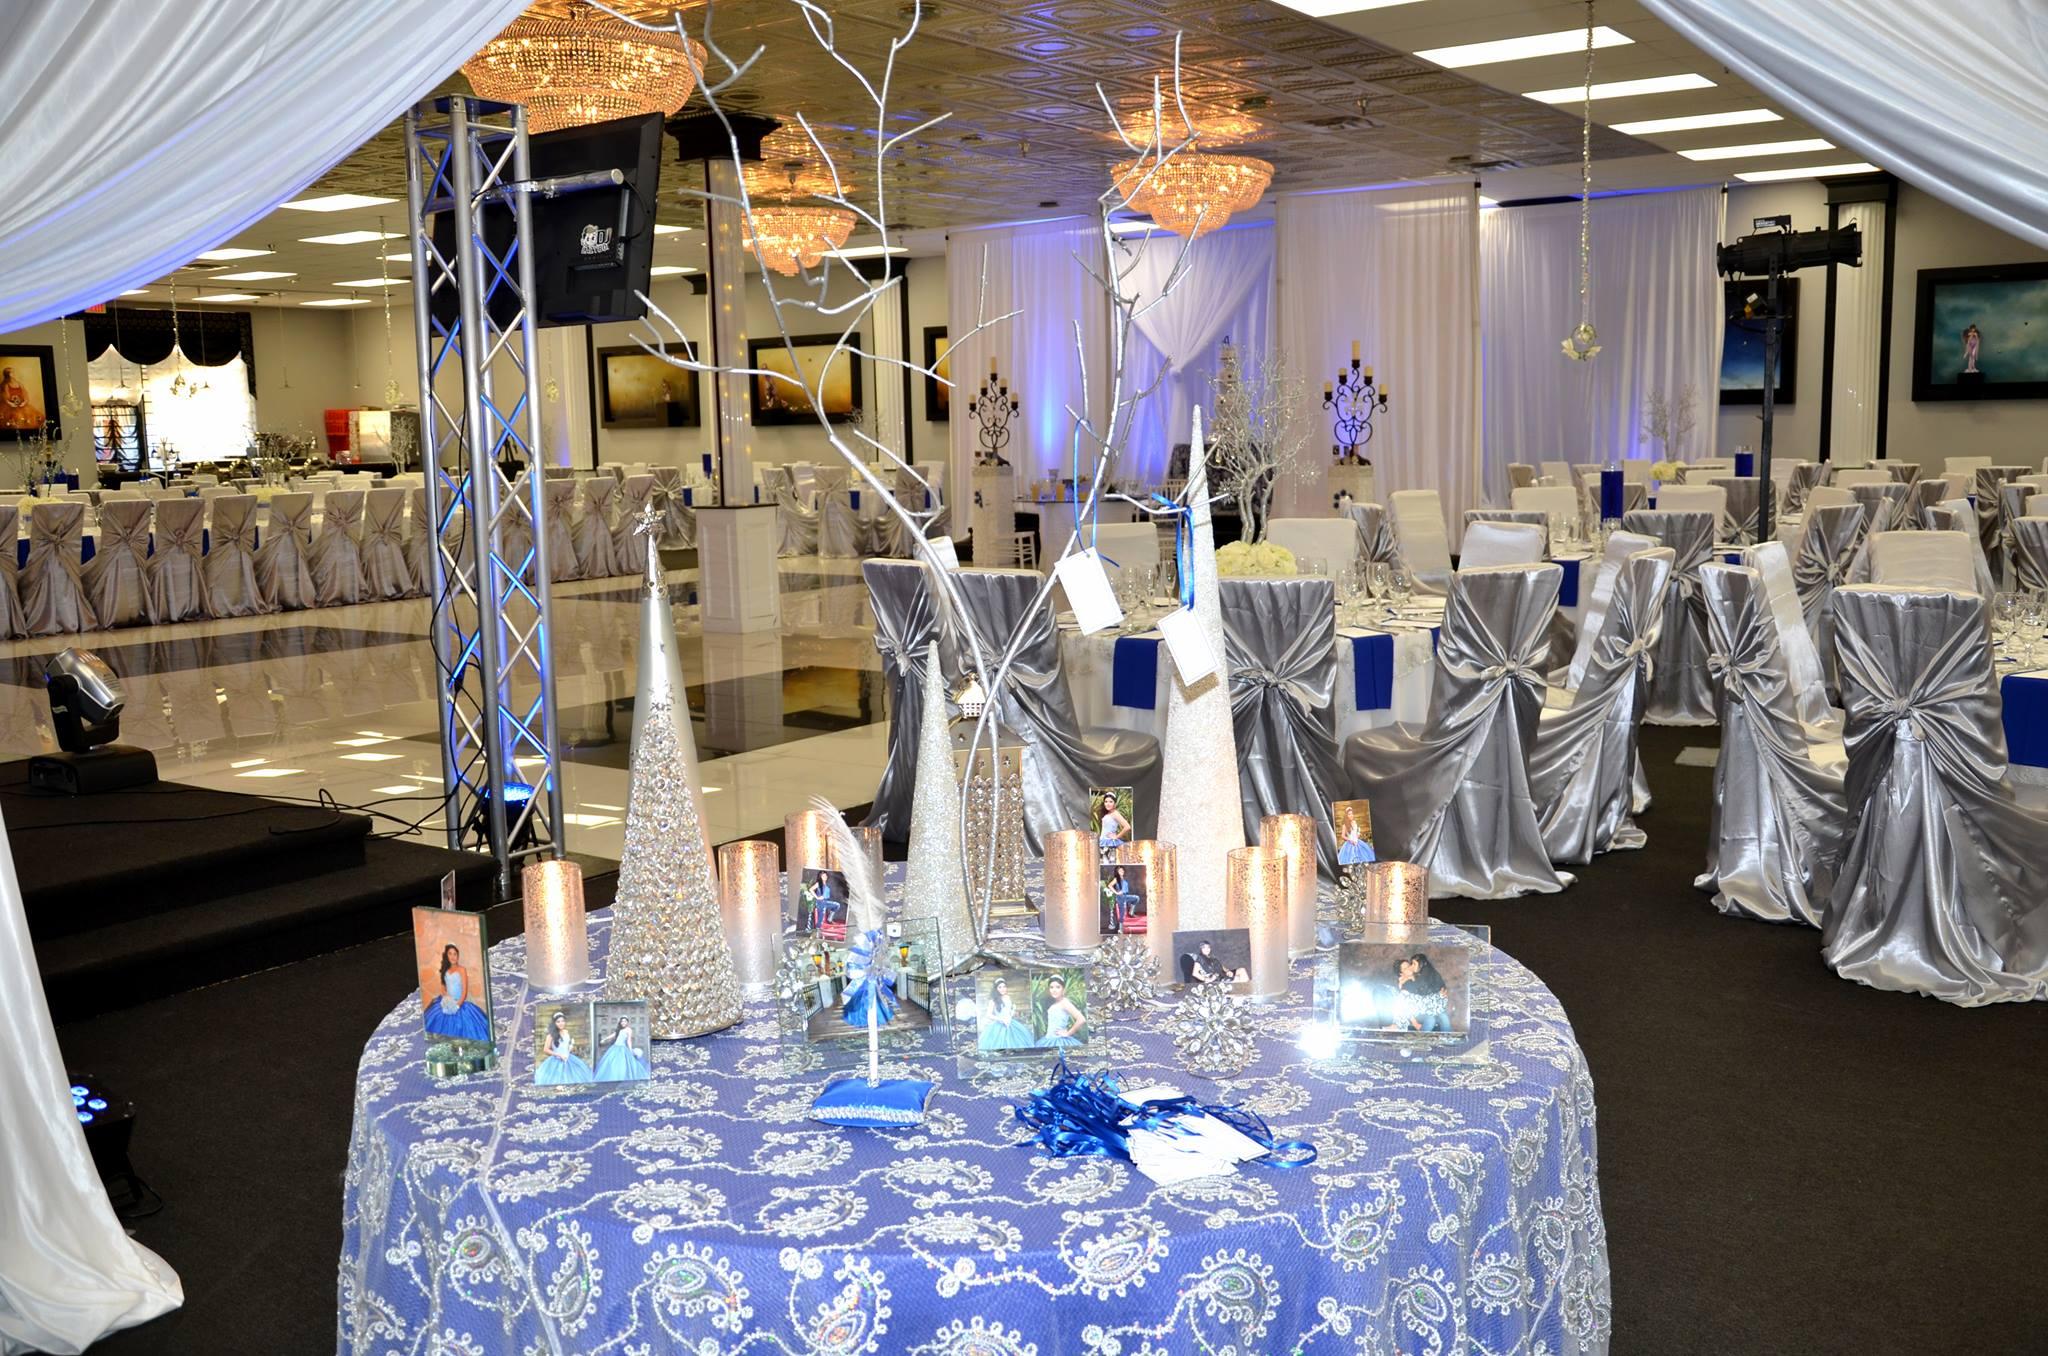 las hadas ballroom dallas